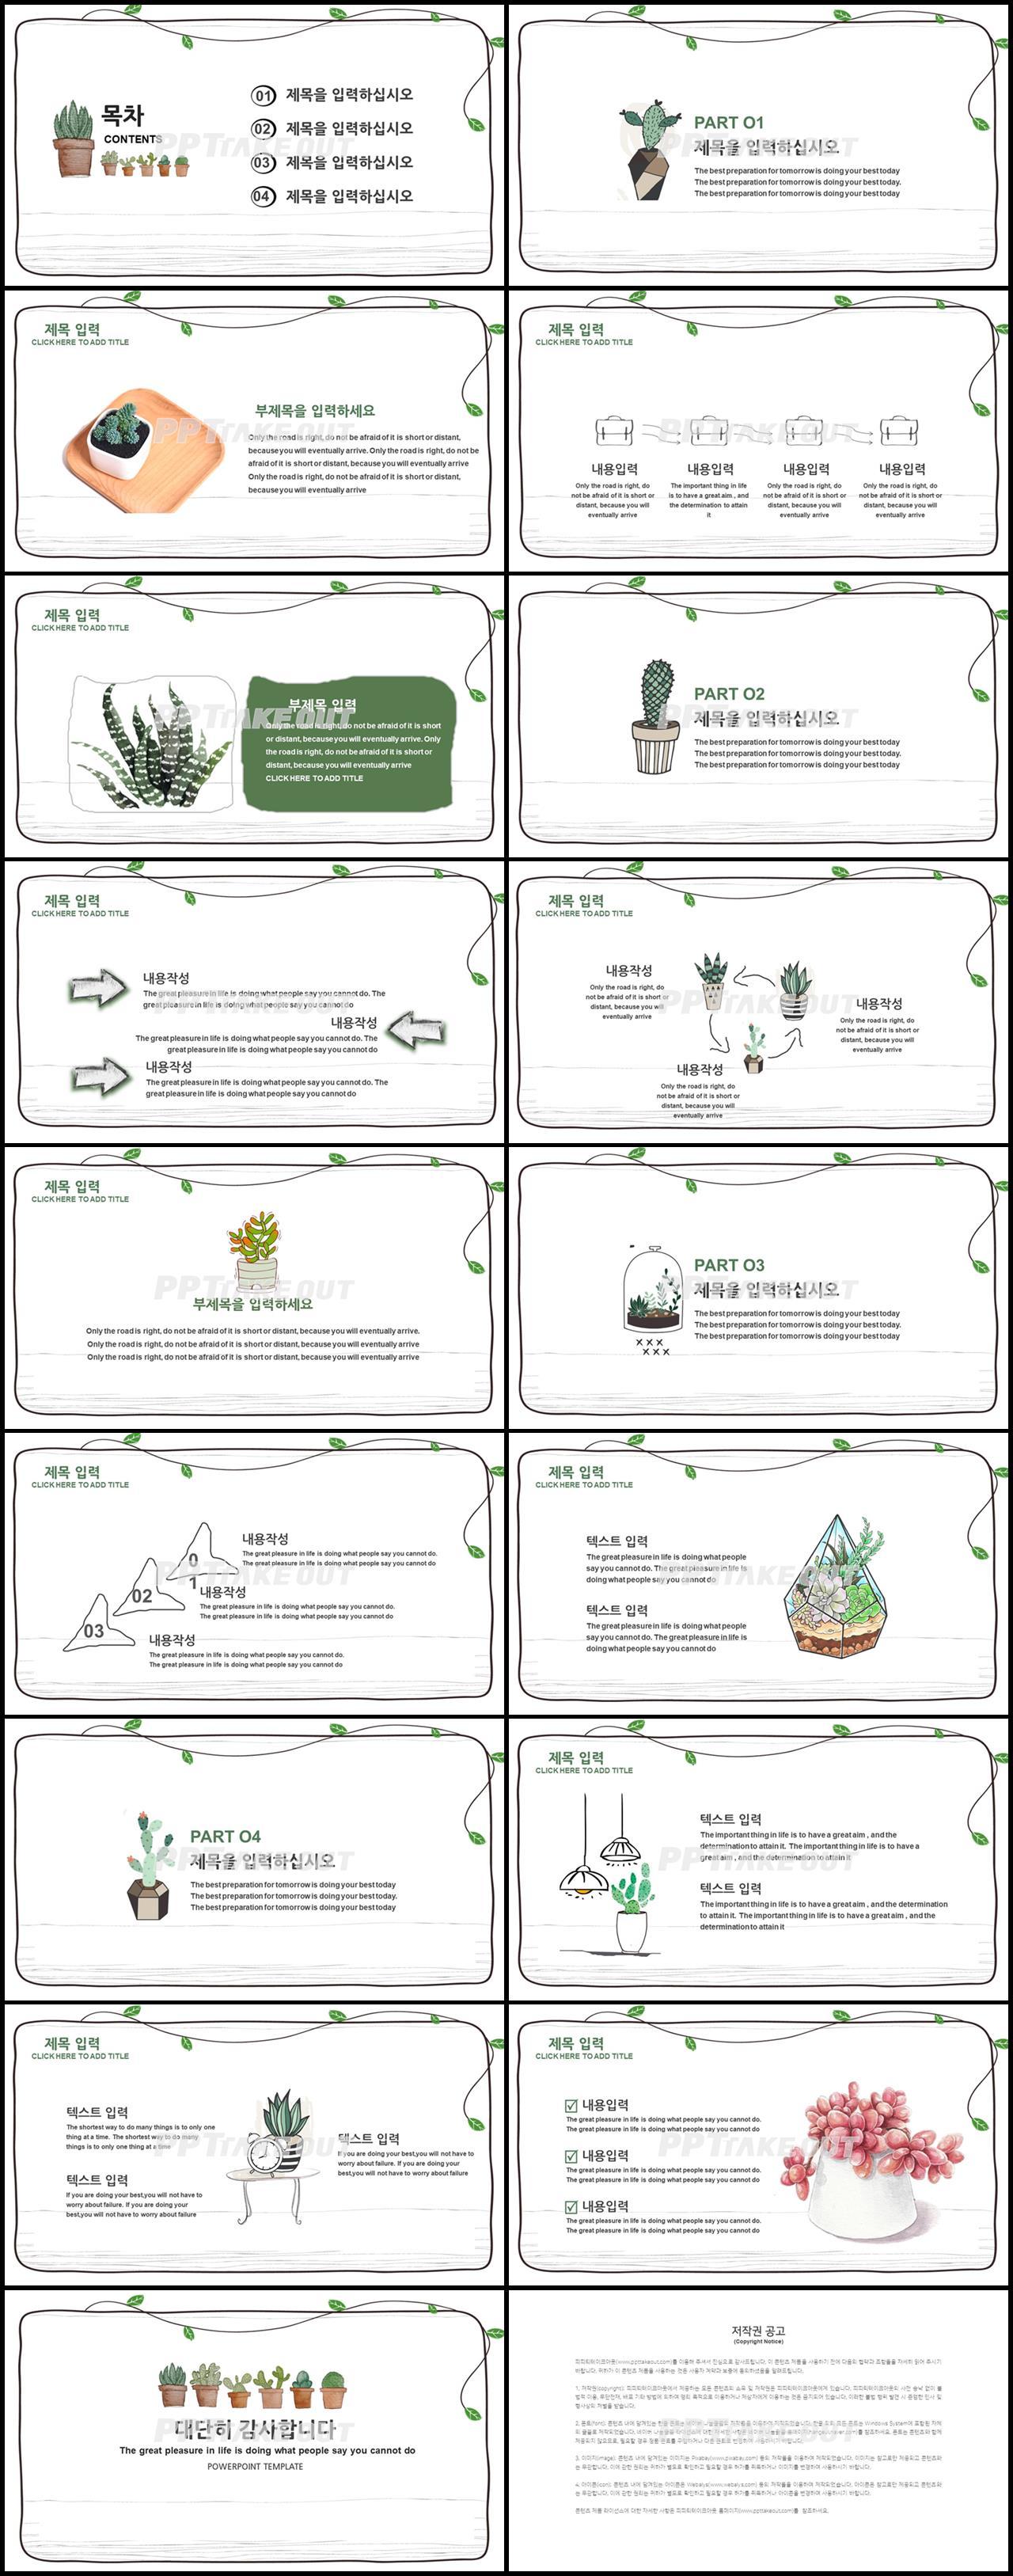 화초, 동식물 녹색 캐릭터 프로급 피피티테마 사이트 상세보기